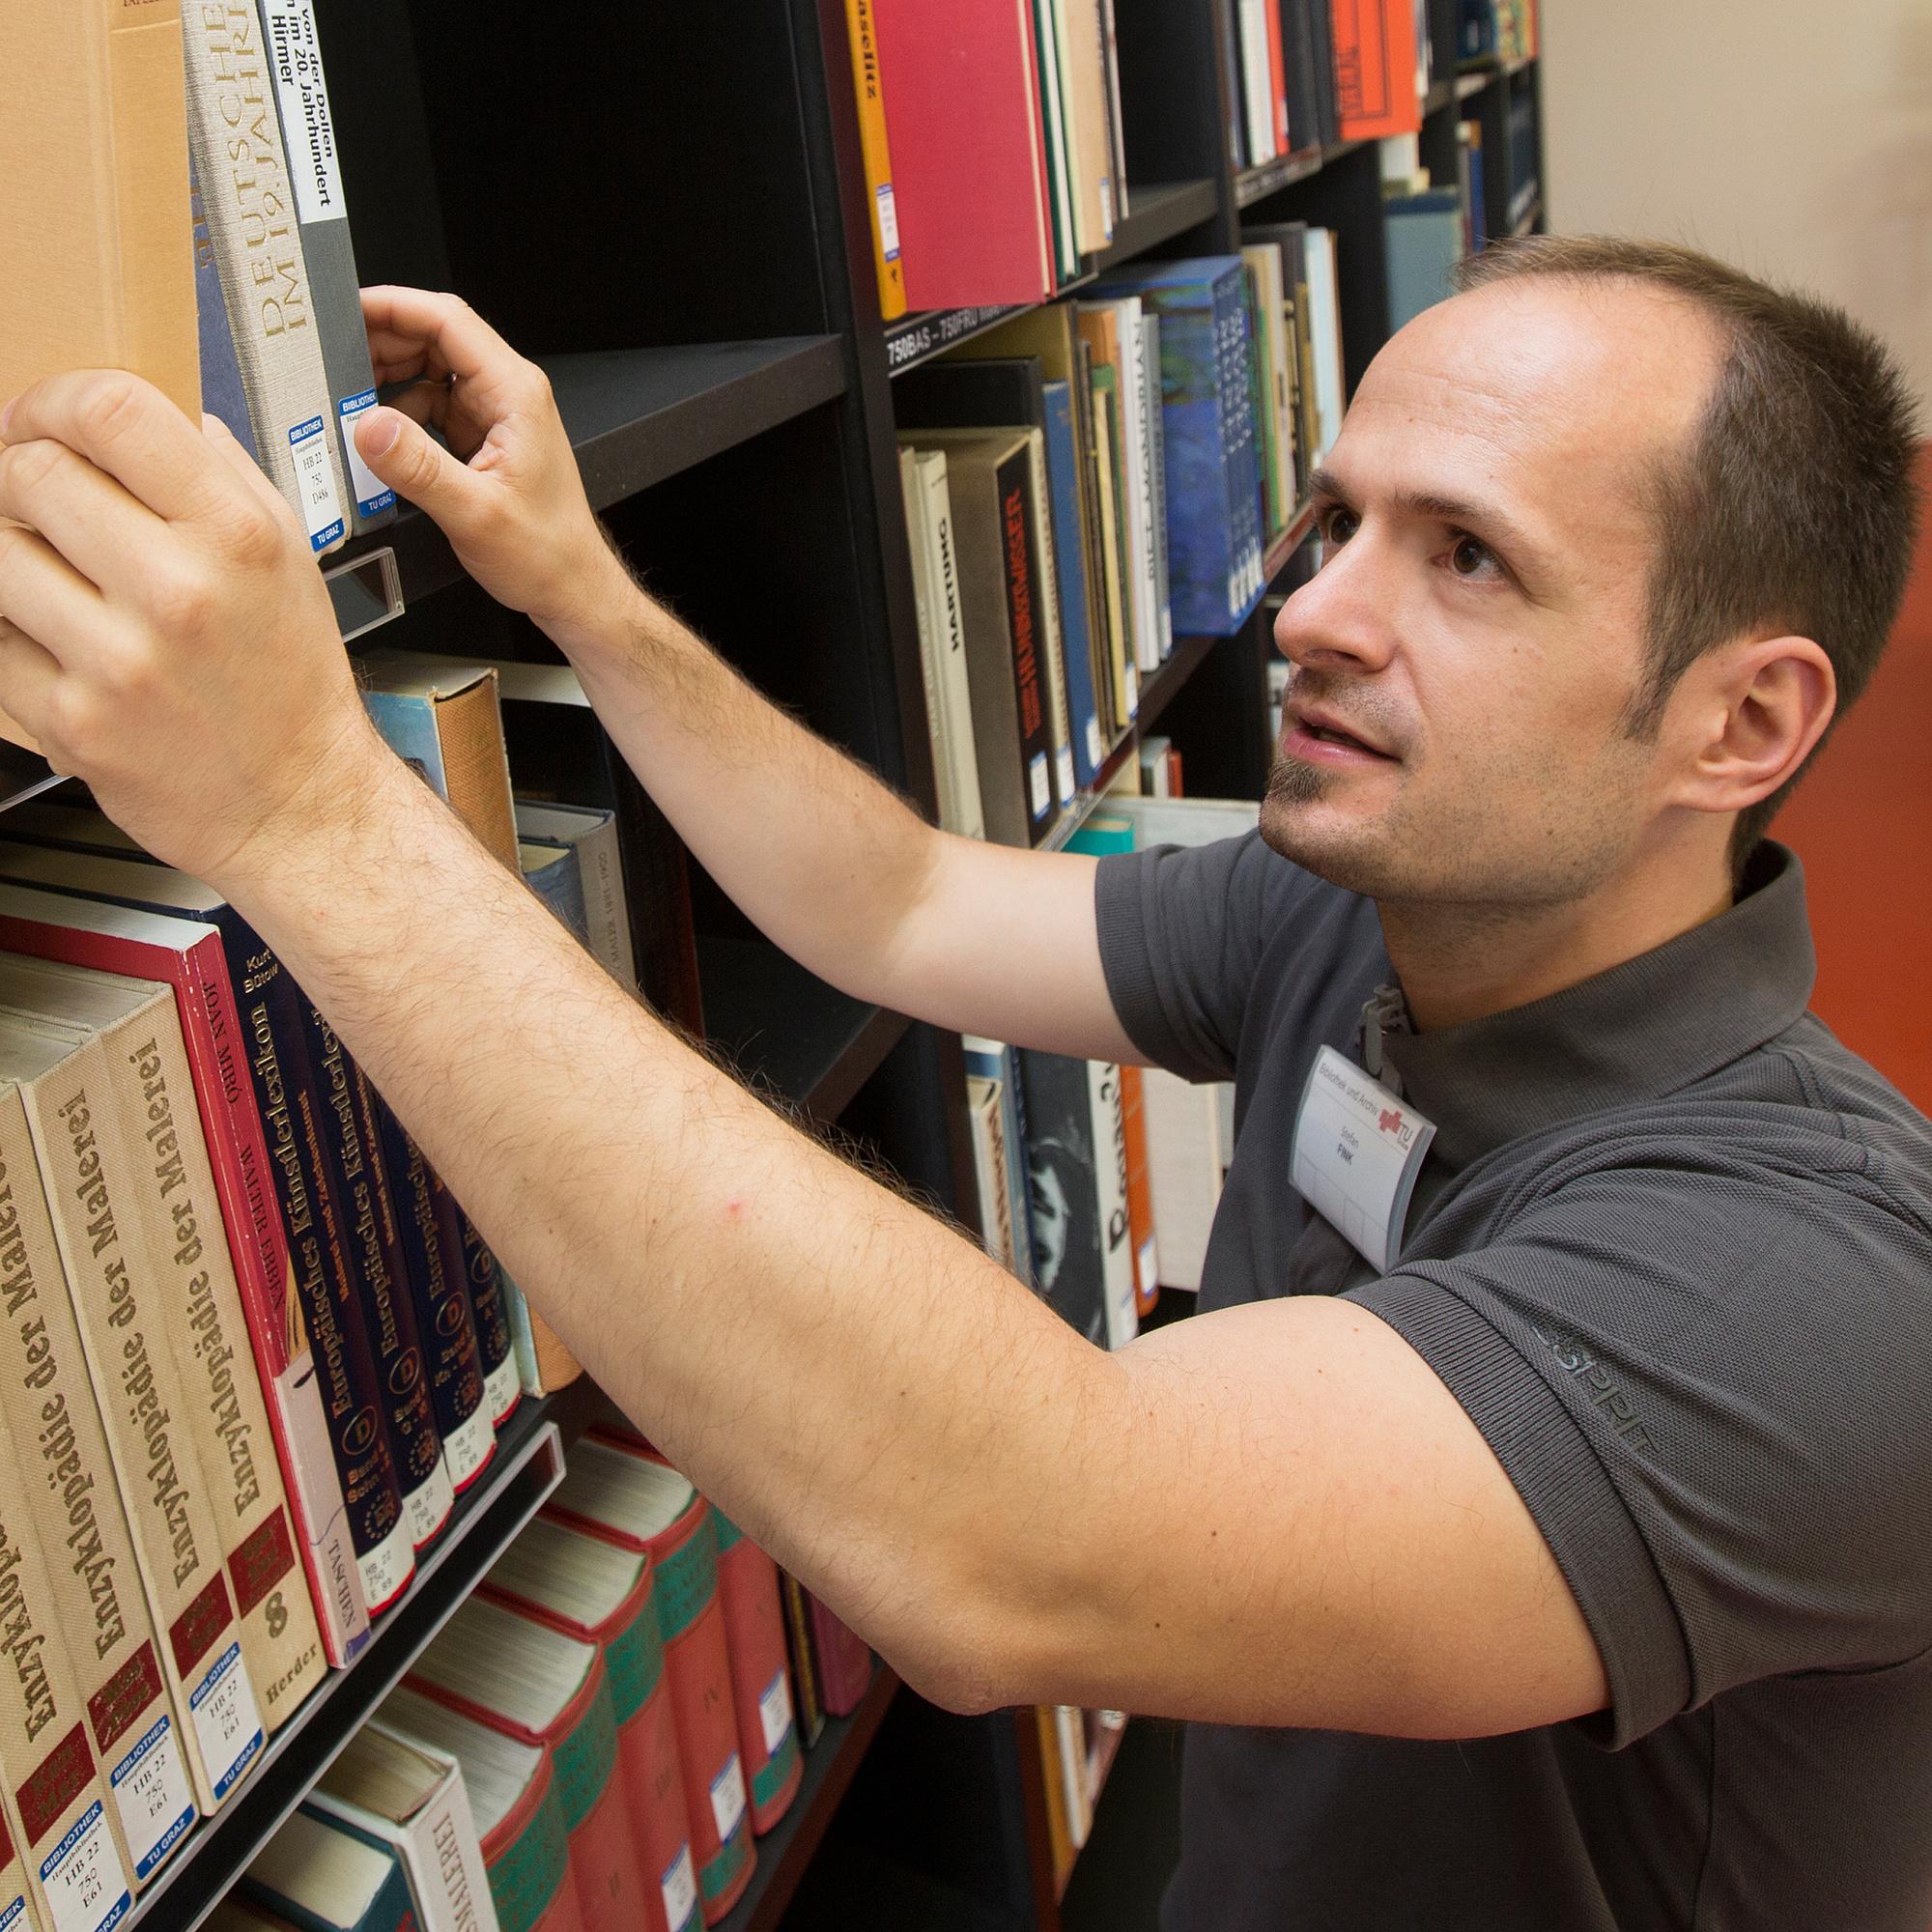 Ein Mann nimmt ein Buch aus einem Bücherregal